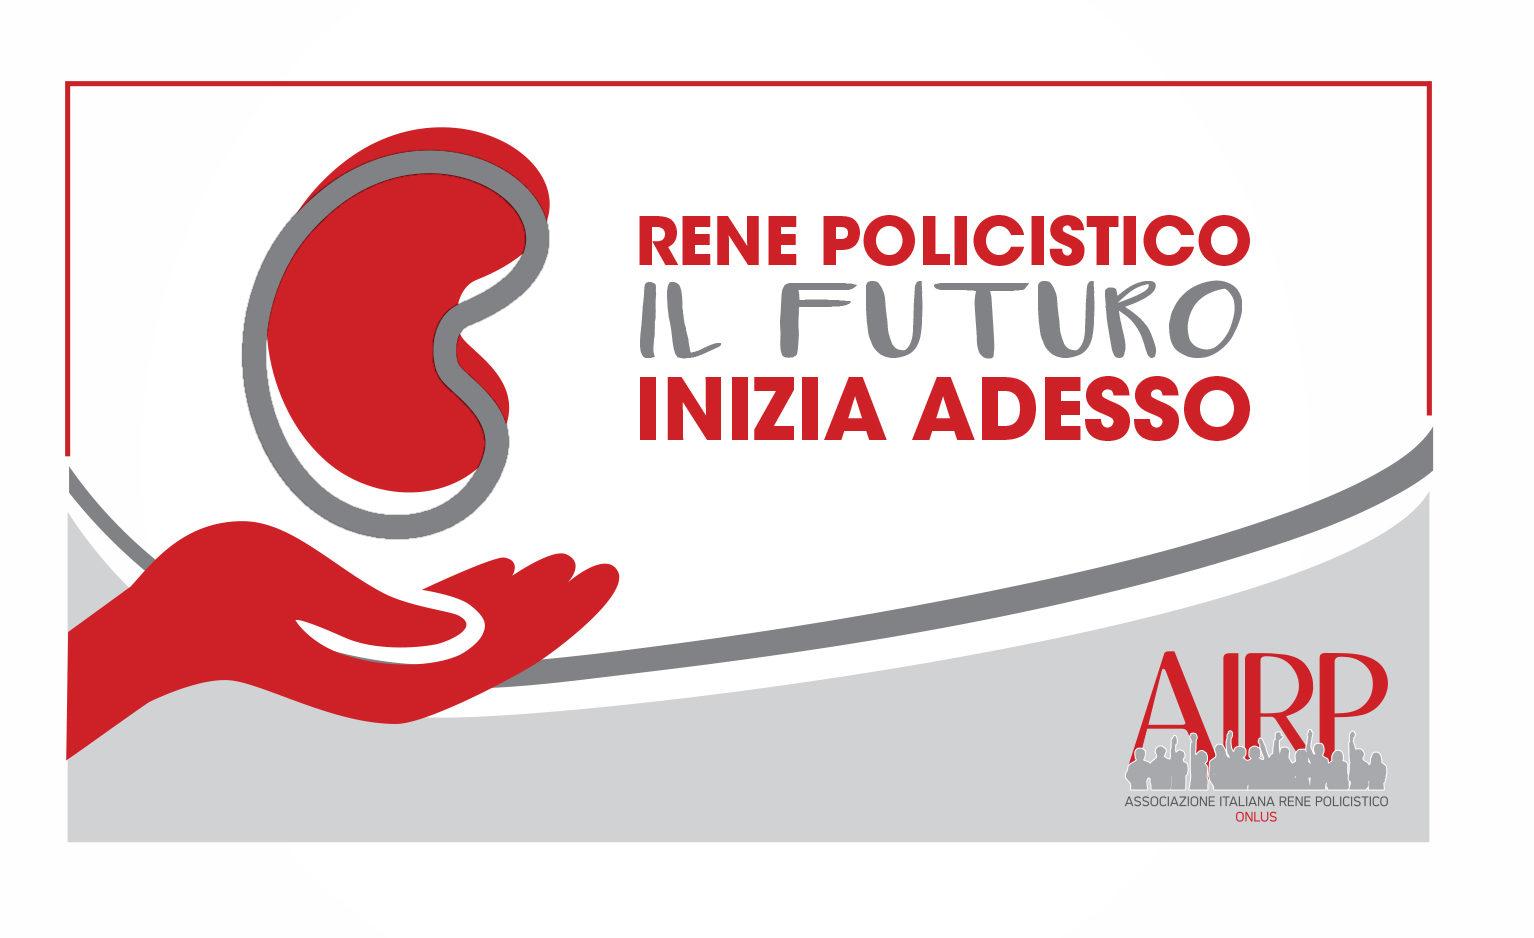 logo AIRP 010716